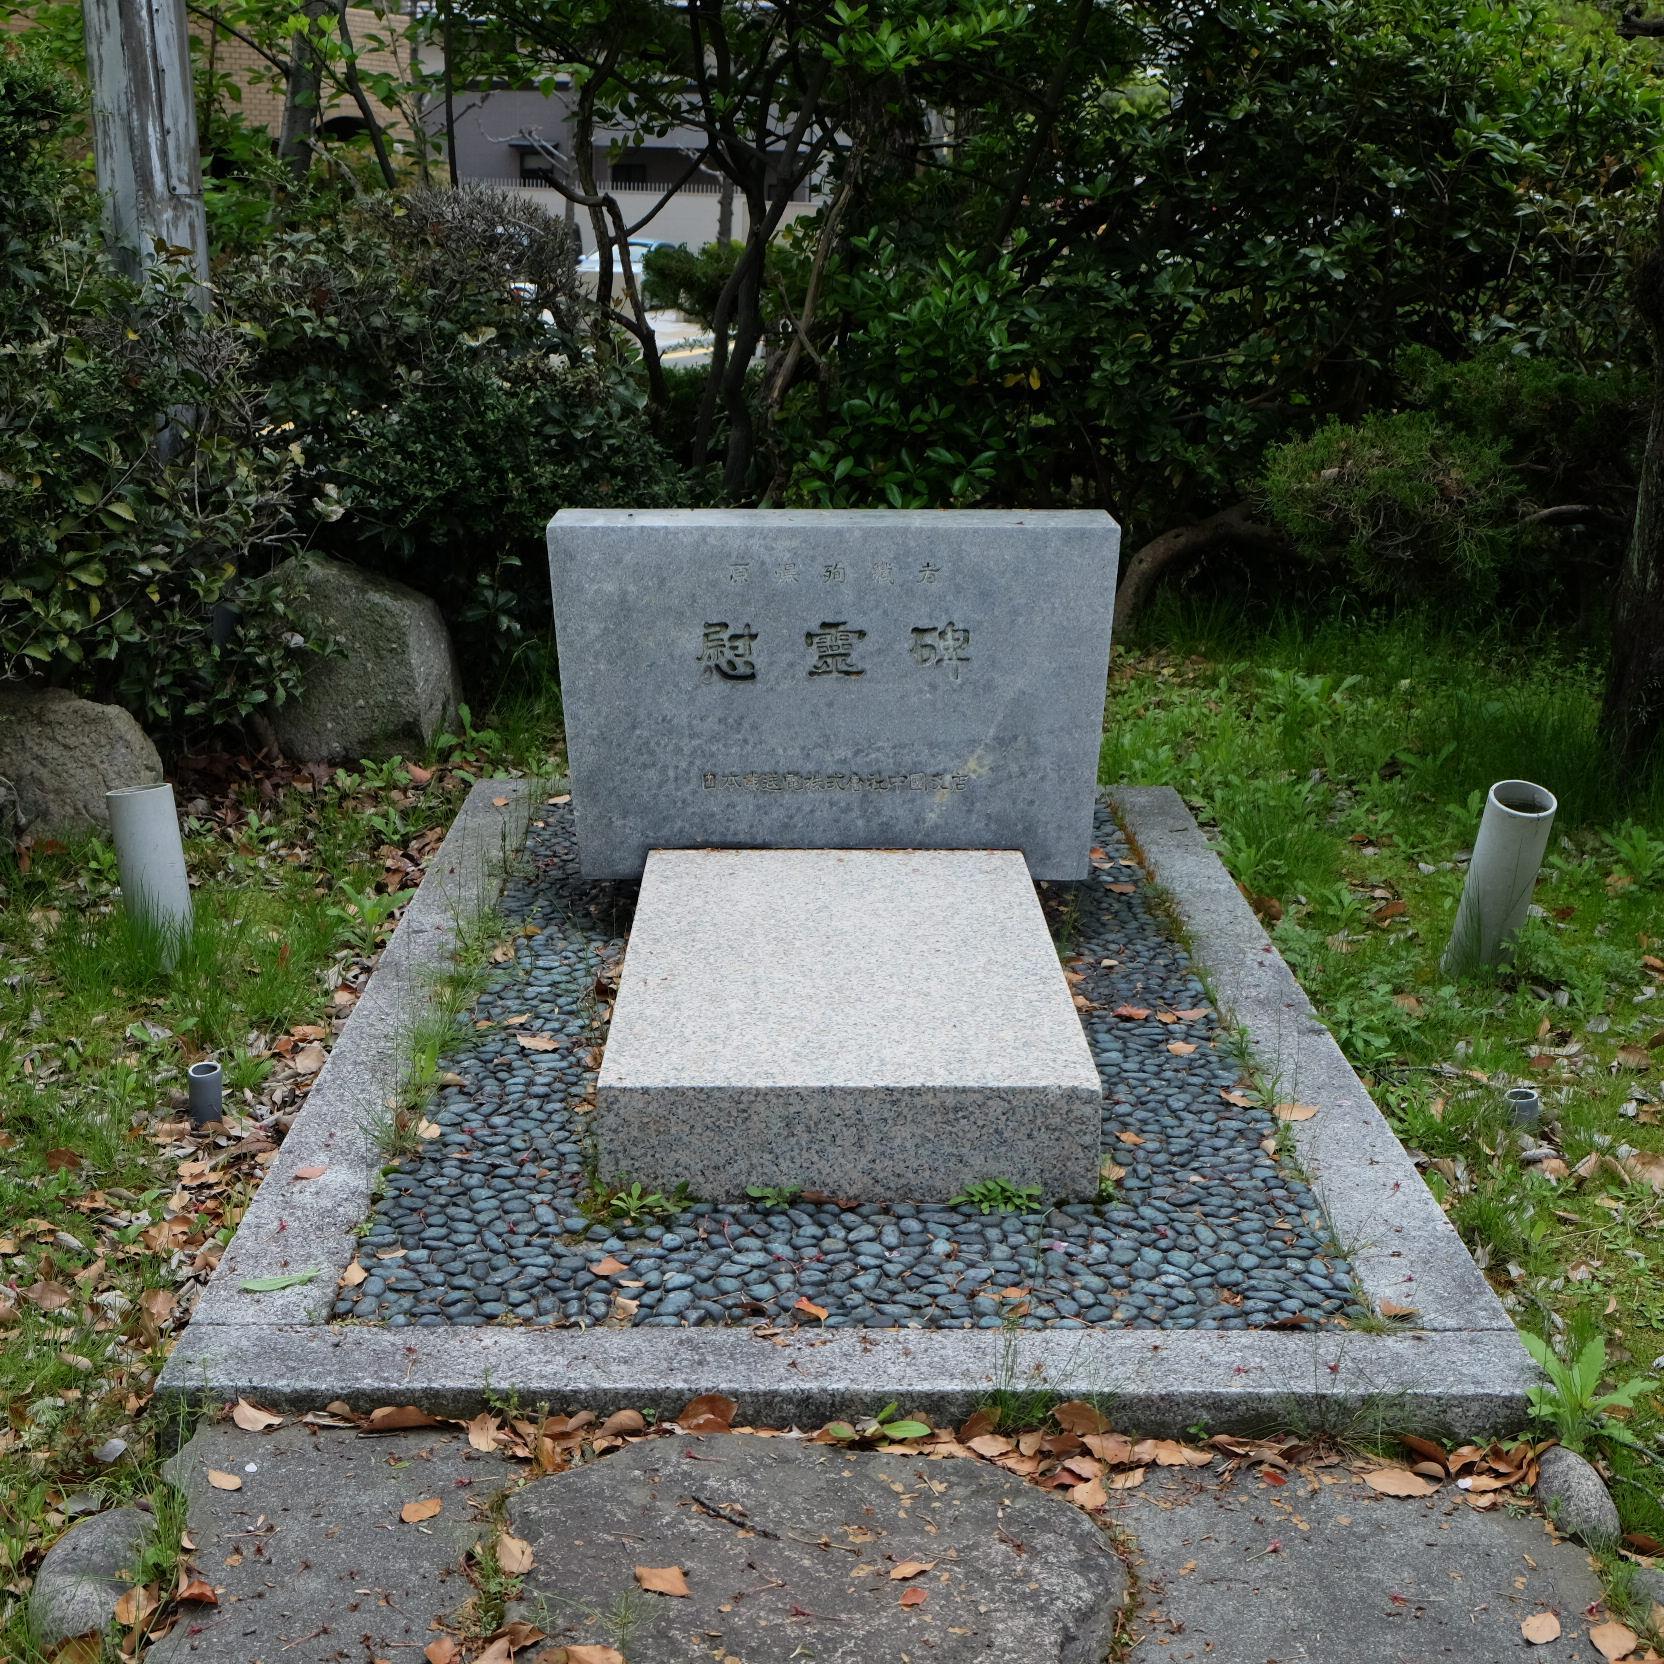 日本発送電株式会社中国支店原爆殉職者慰霊碑